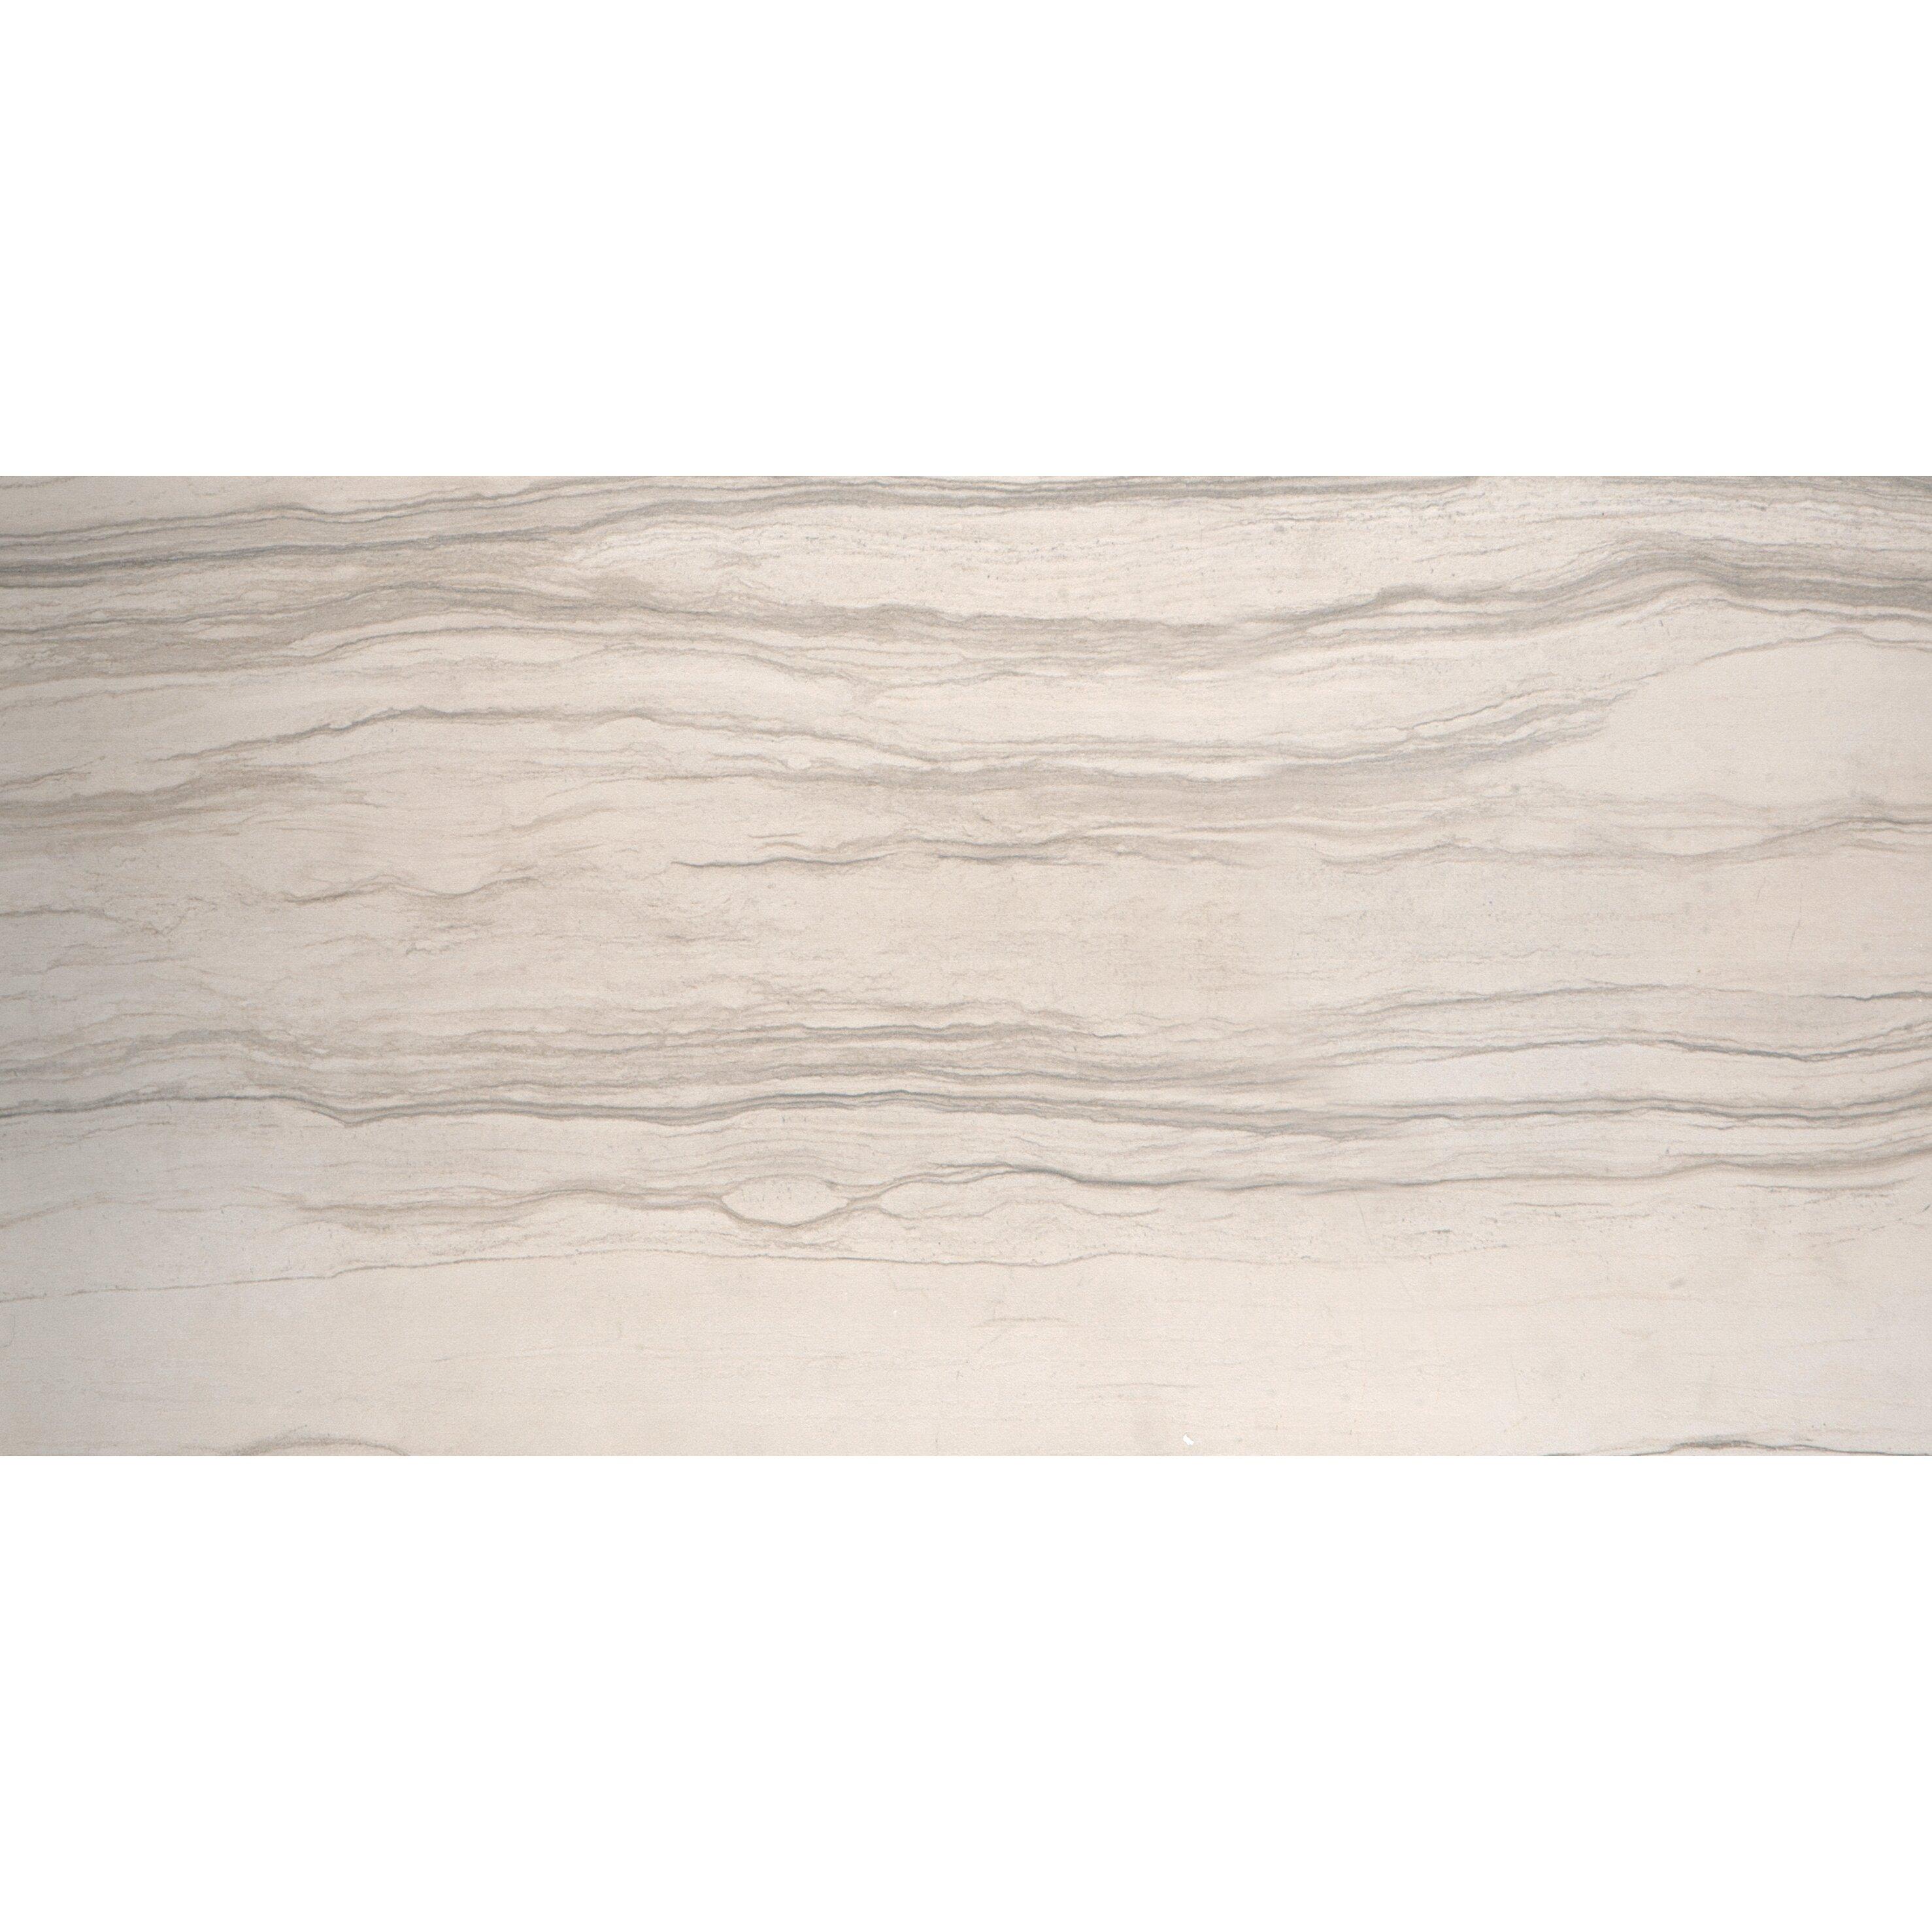 Emser tile motion 12 x 24 porcelain field tile in drift for 12x24 porcelain floor tile